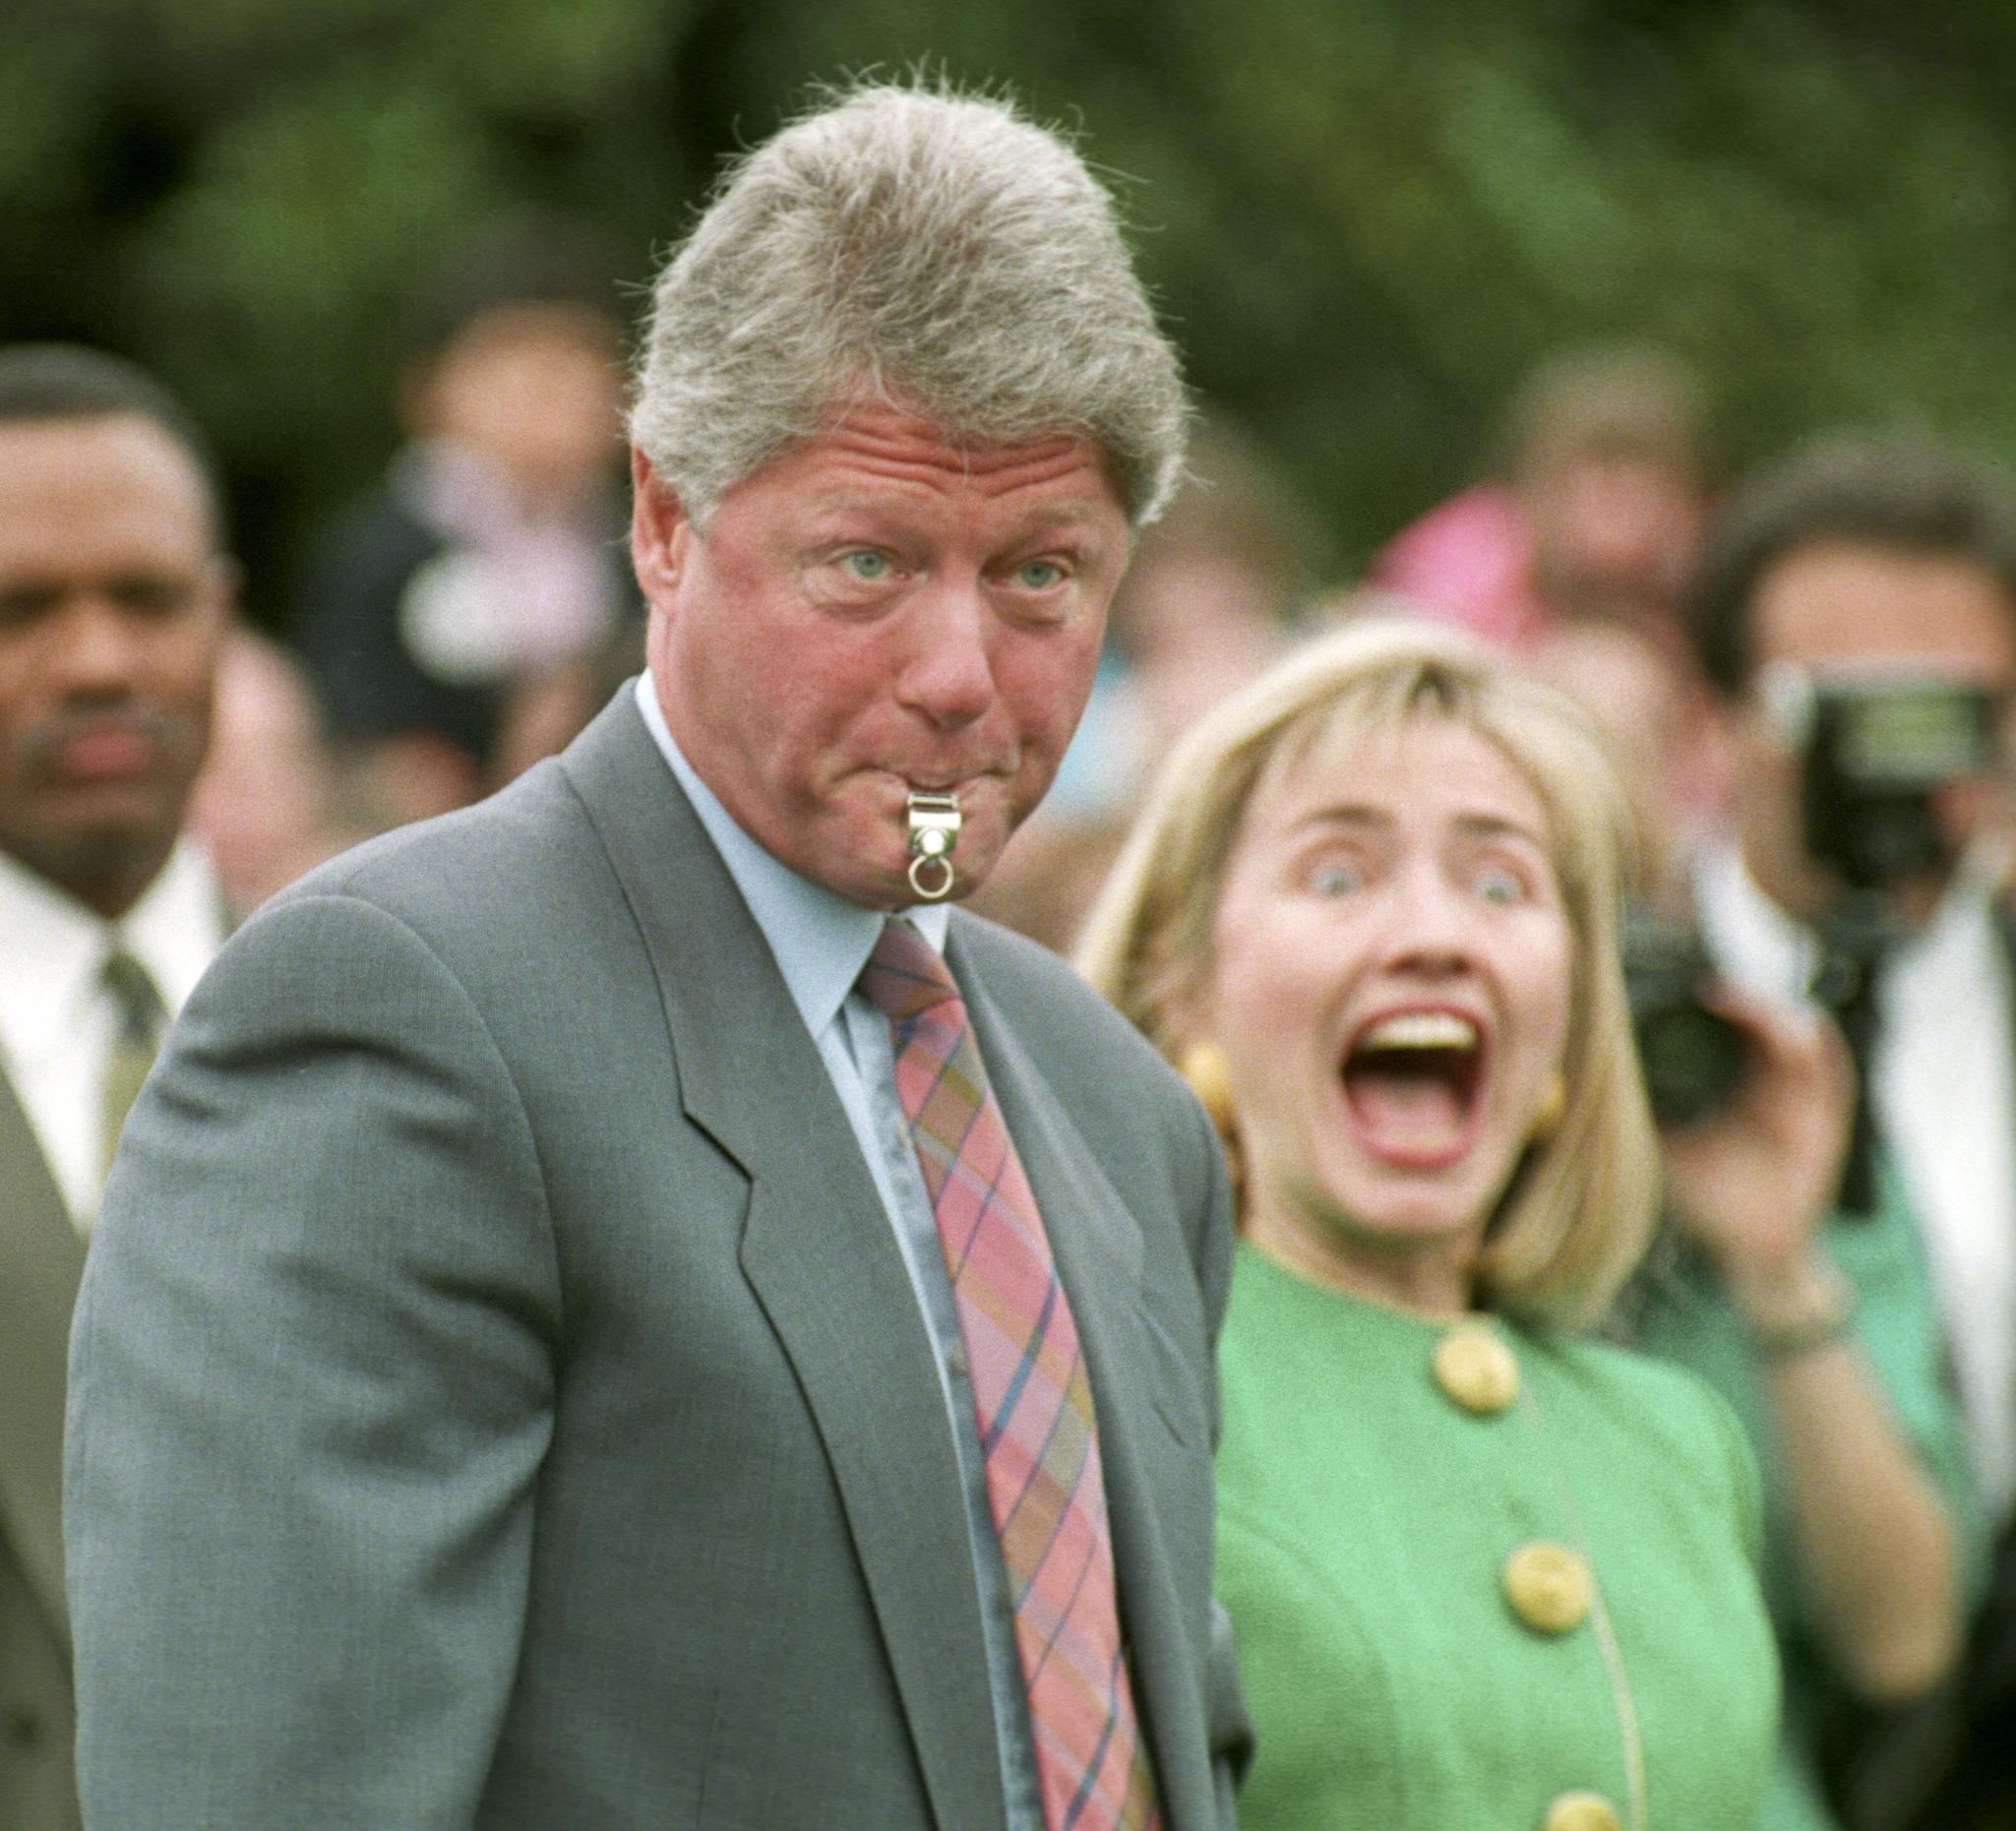 KTG Clintons EasterEggRoll